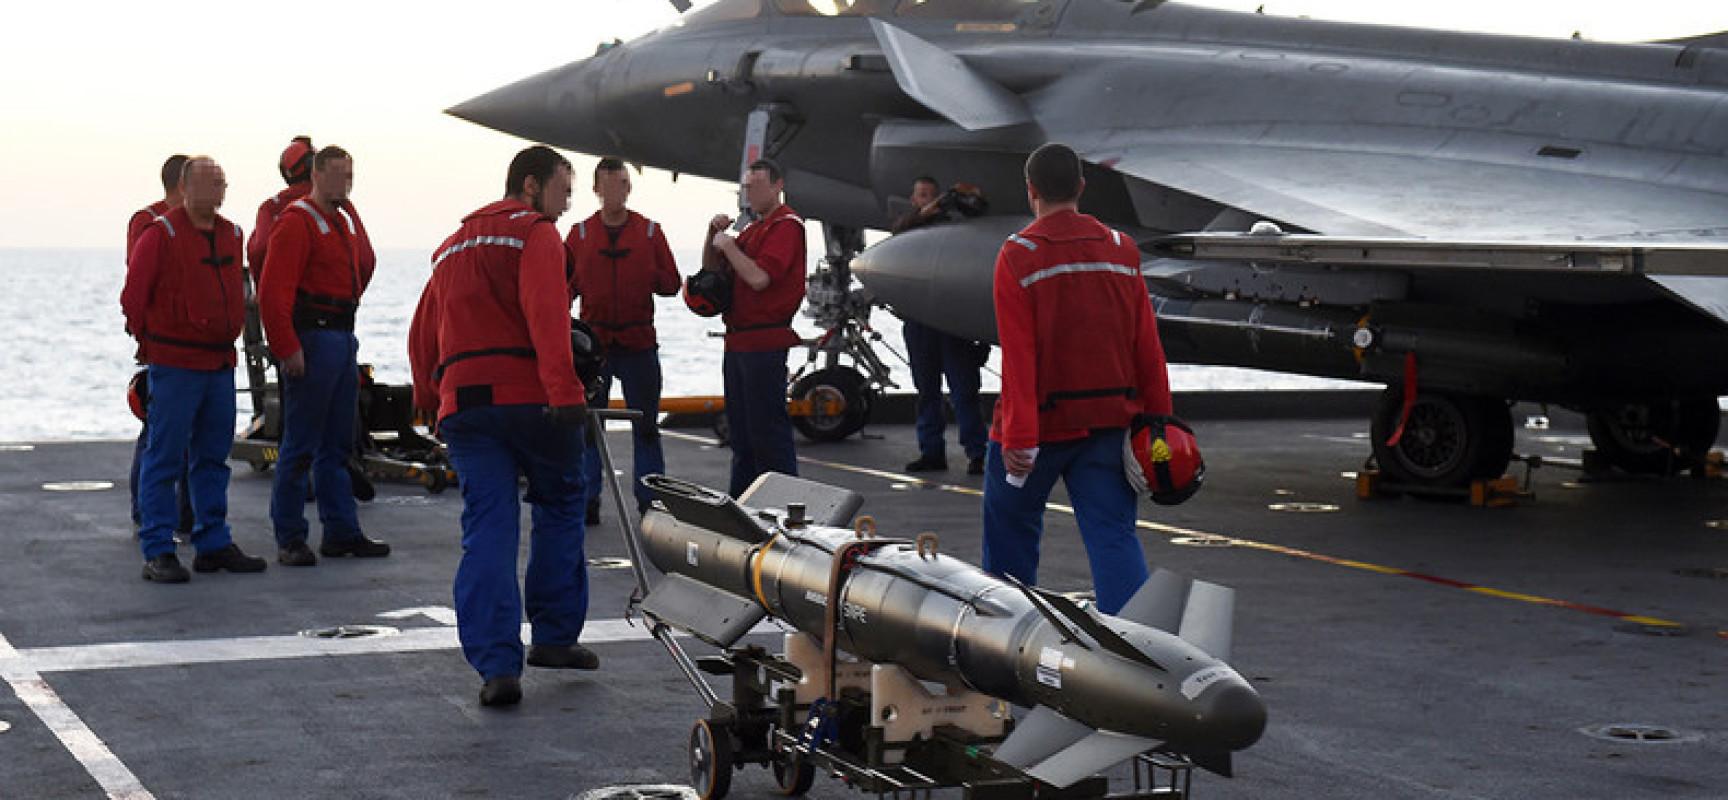 Syrie : la France serait à court de munitions, les Etats-Unis à la rescousse